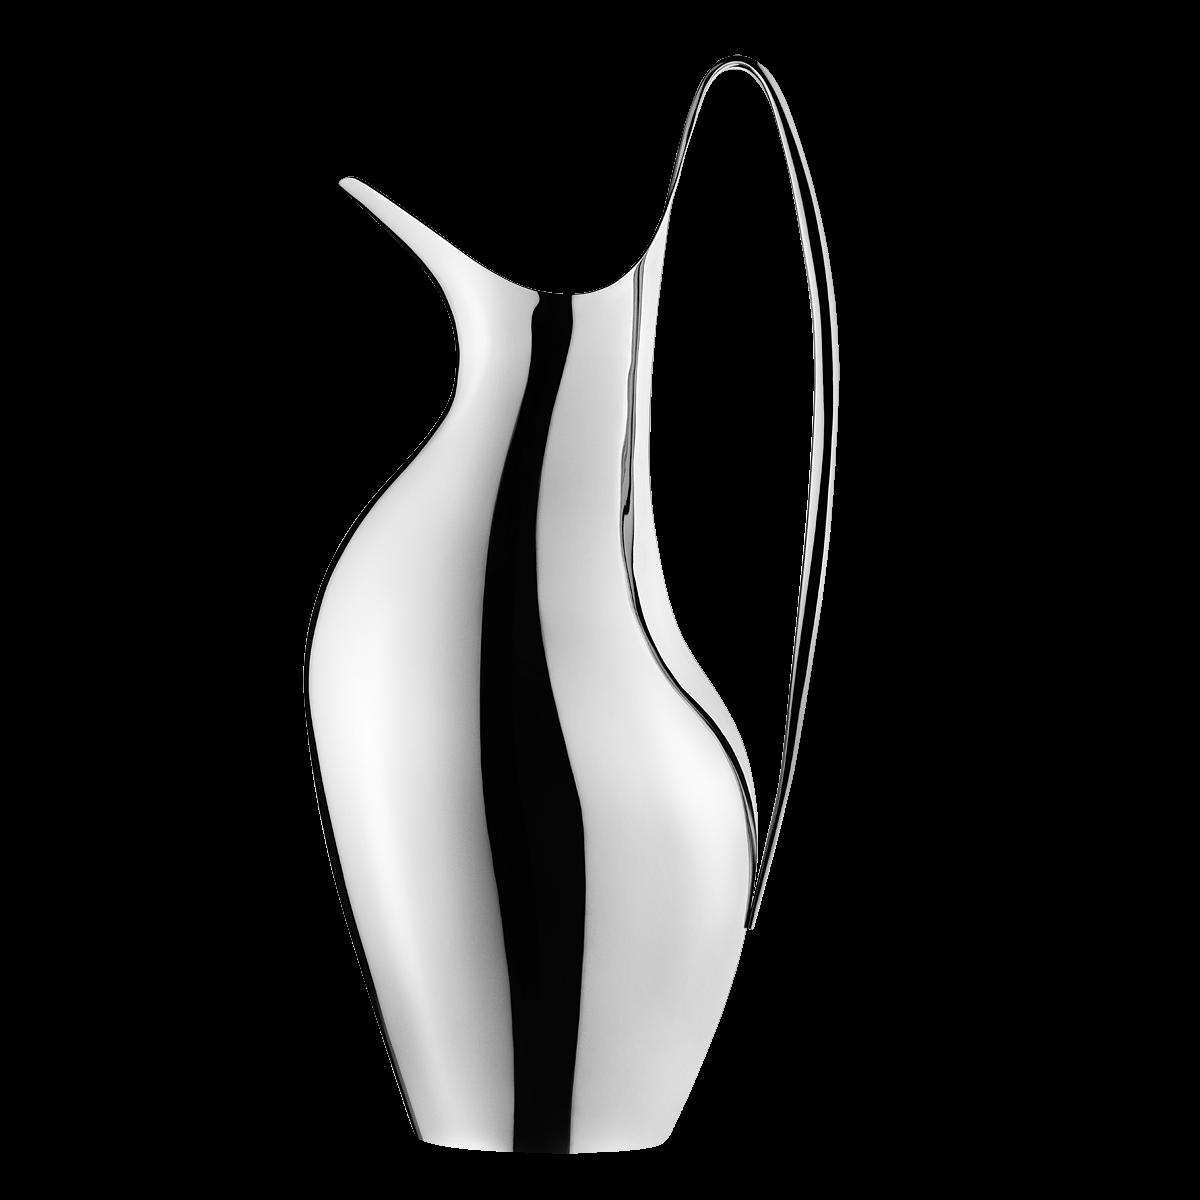 hk pitcher 1 9 l polished steel. Black Bedroom Furniture Sets. Home Design Ideas